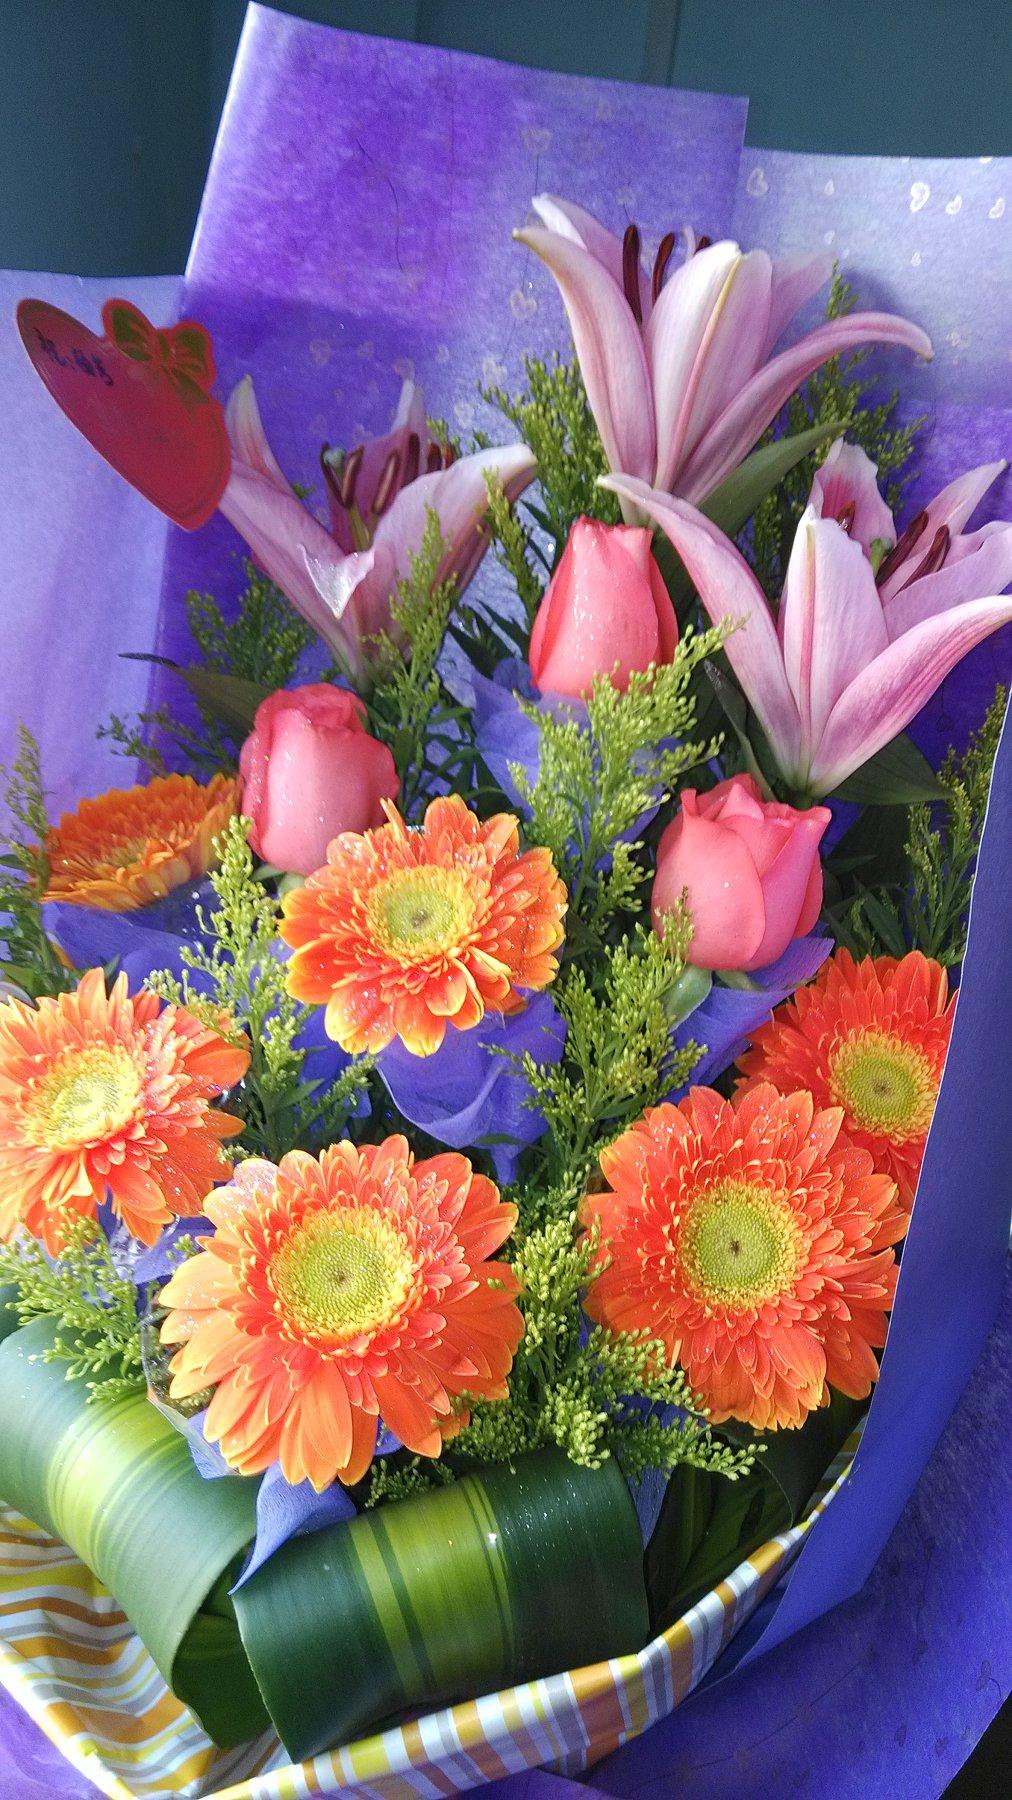 爆菊花是什么意思_有图,这是什么品种的菊花和百合,还有这样送花寓意着什么 ...